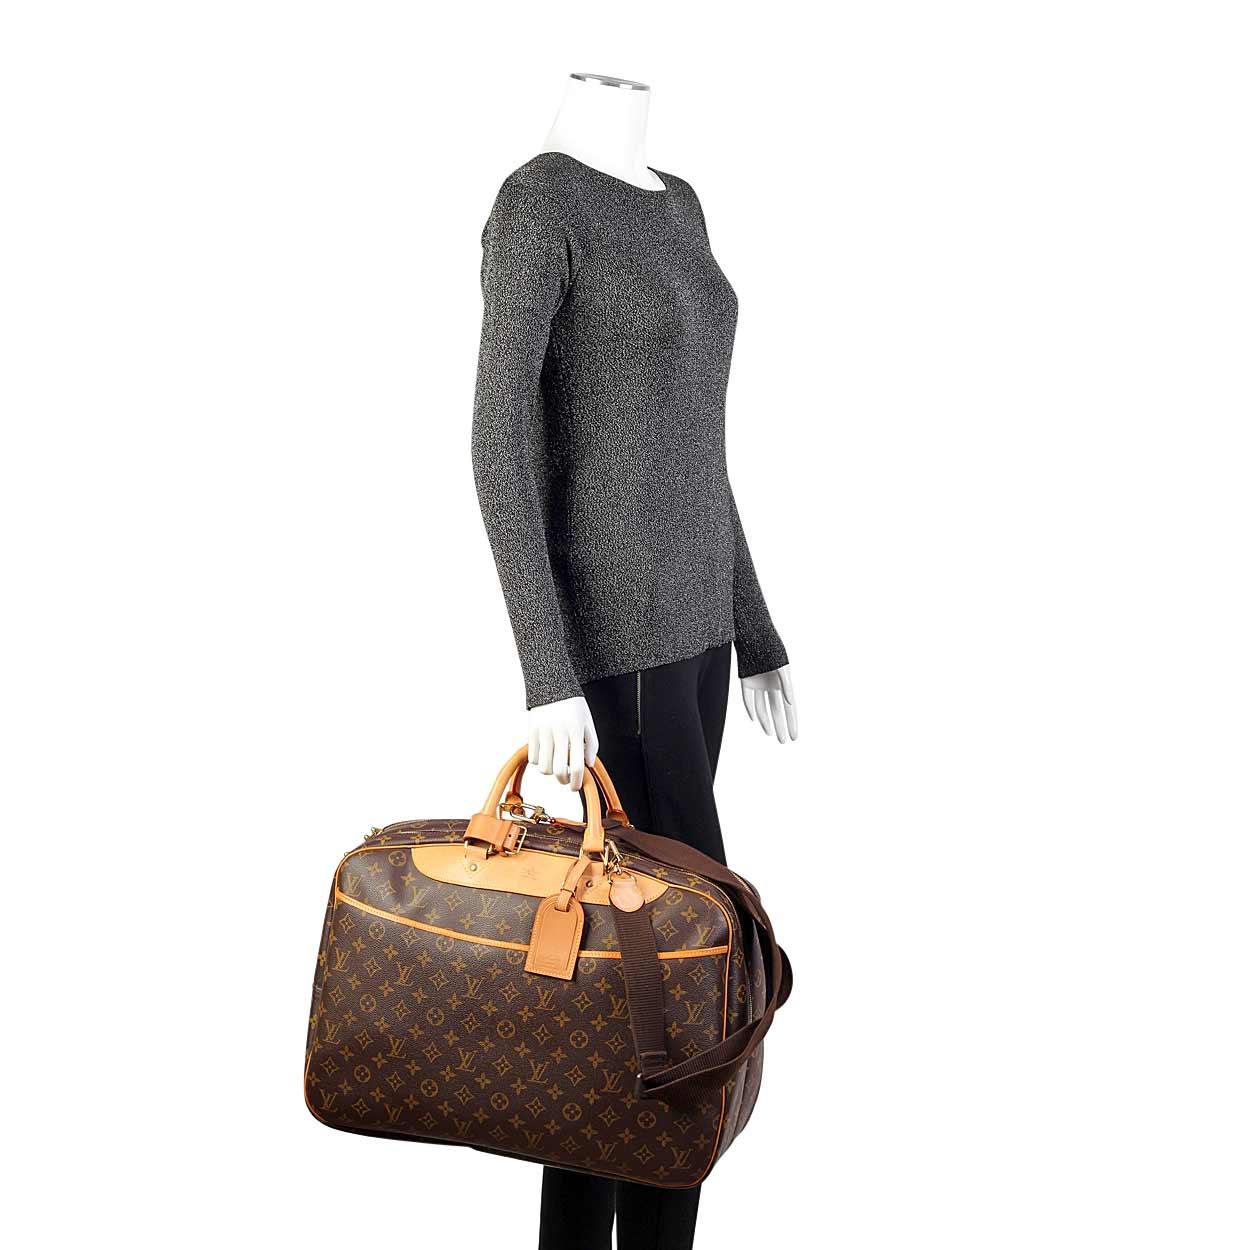 LOUIS VUITTON Monogram Vintage Alize 2 Poches Travel Bag- Mannequin ... 4a38cbf60f37d